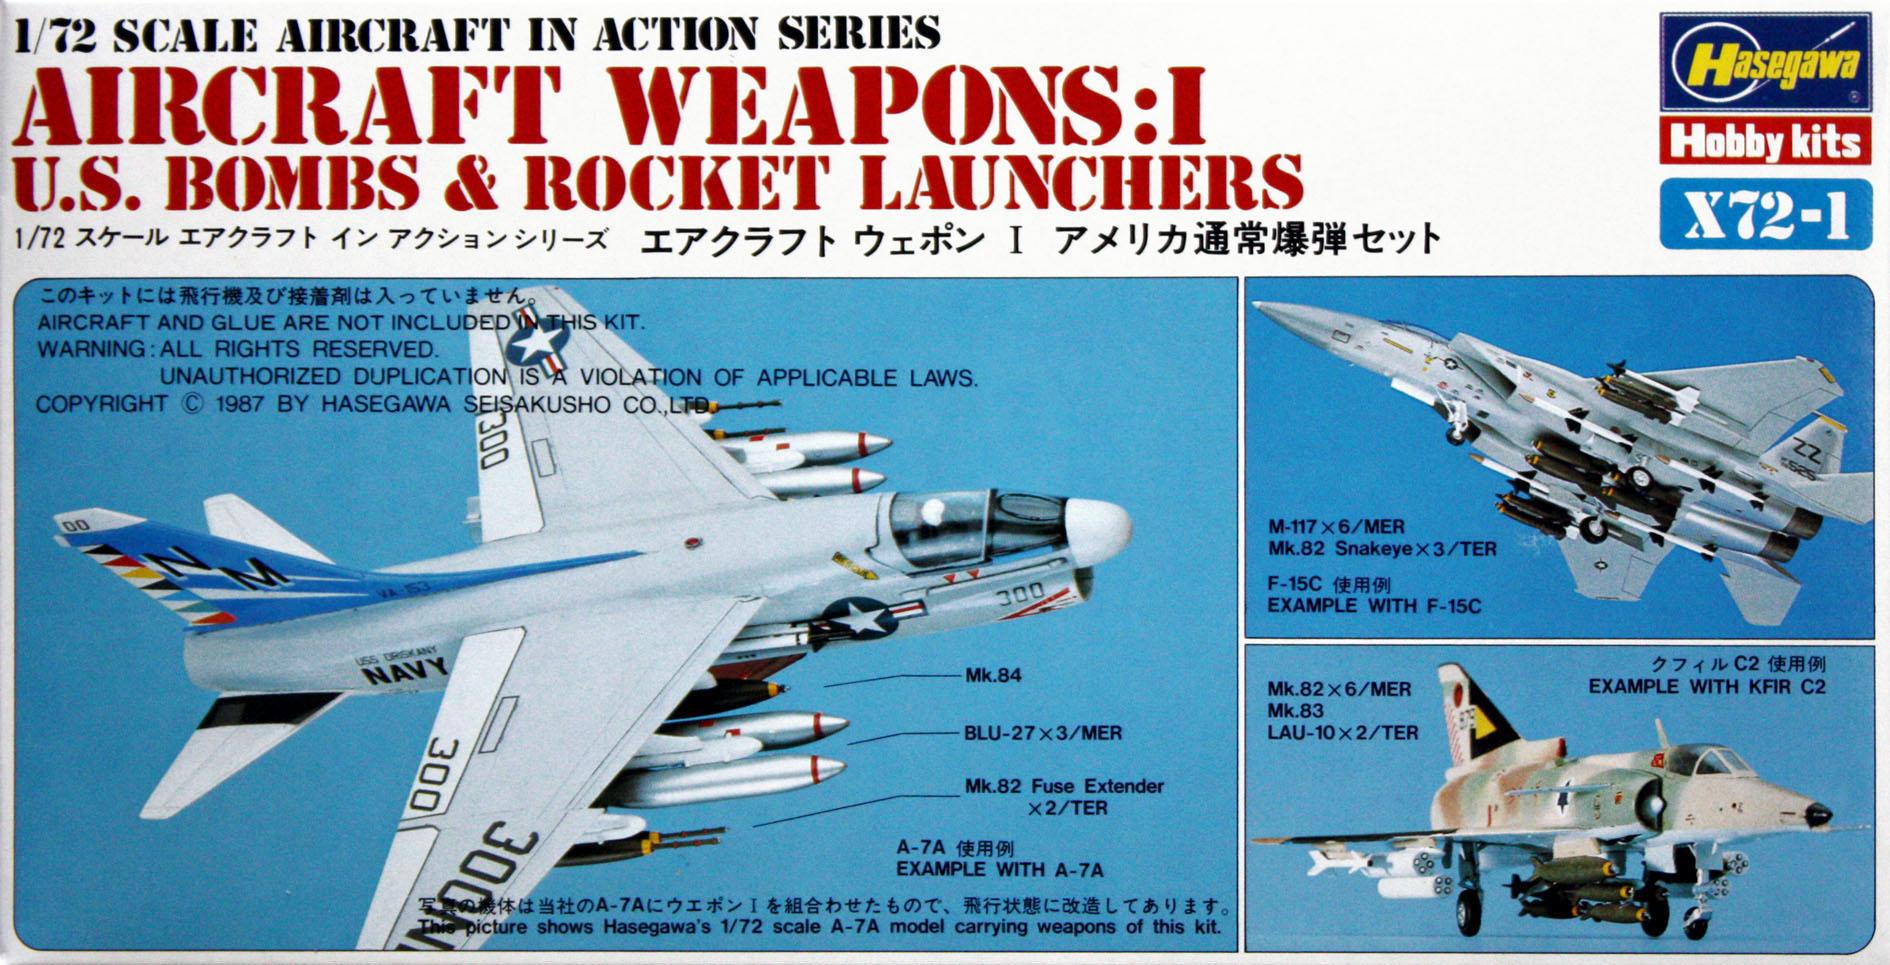 Hasegawa 1/72 US Aircraft Weapons I